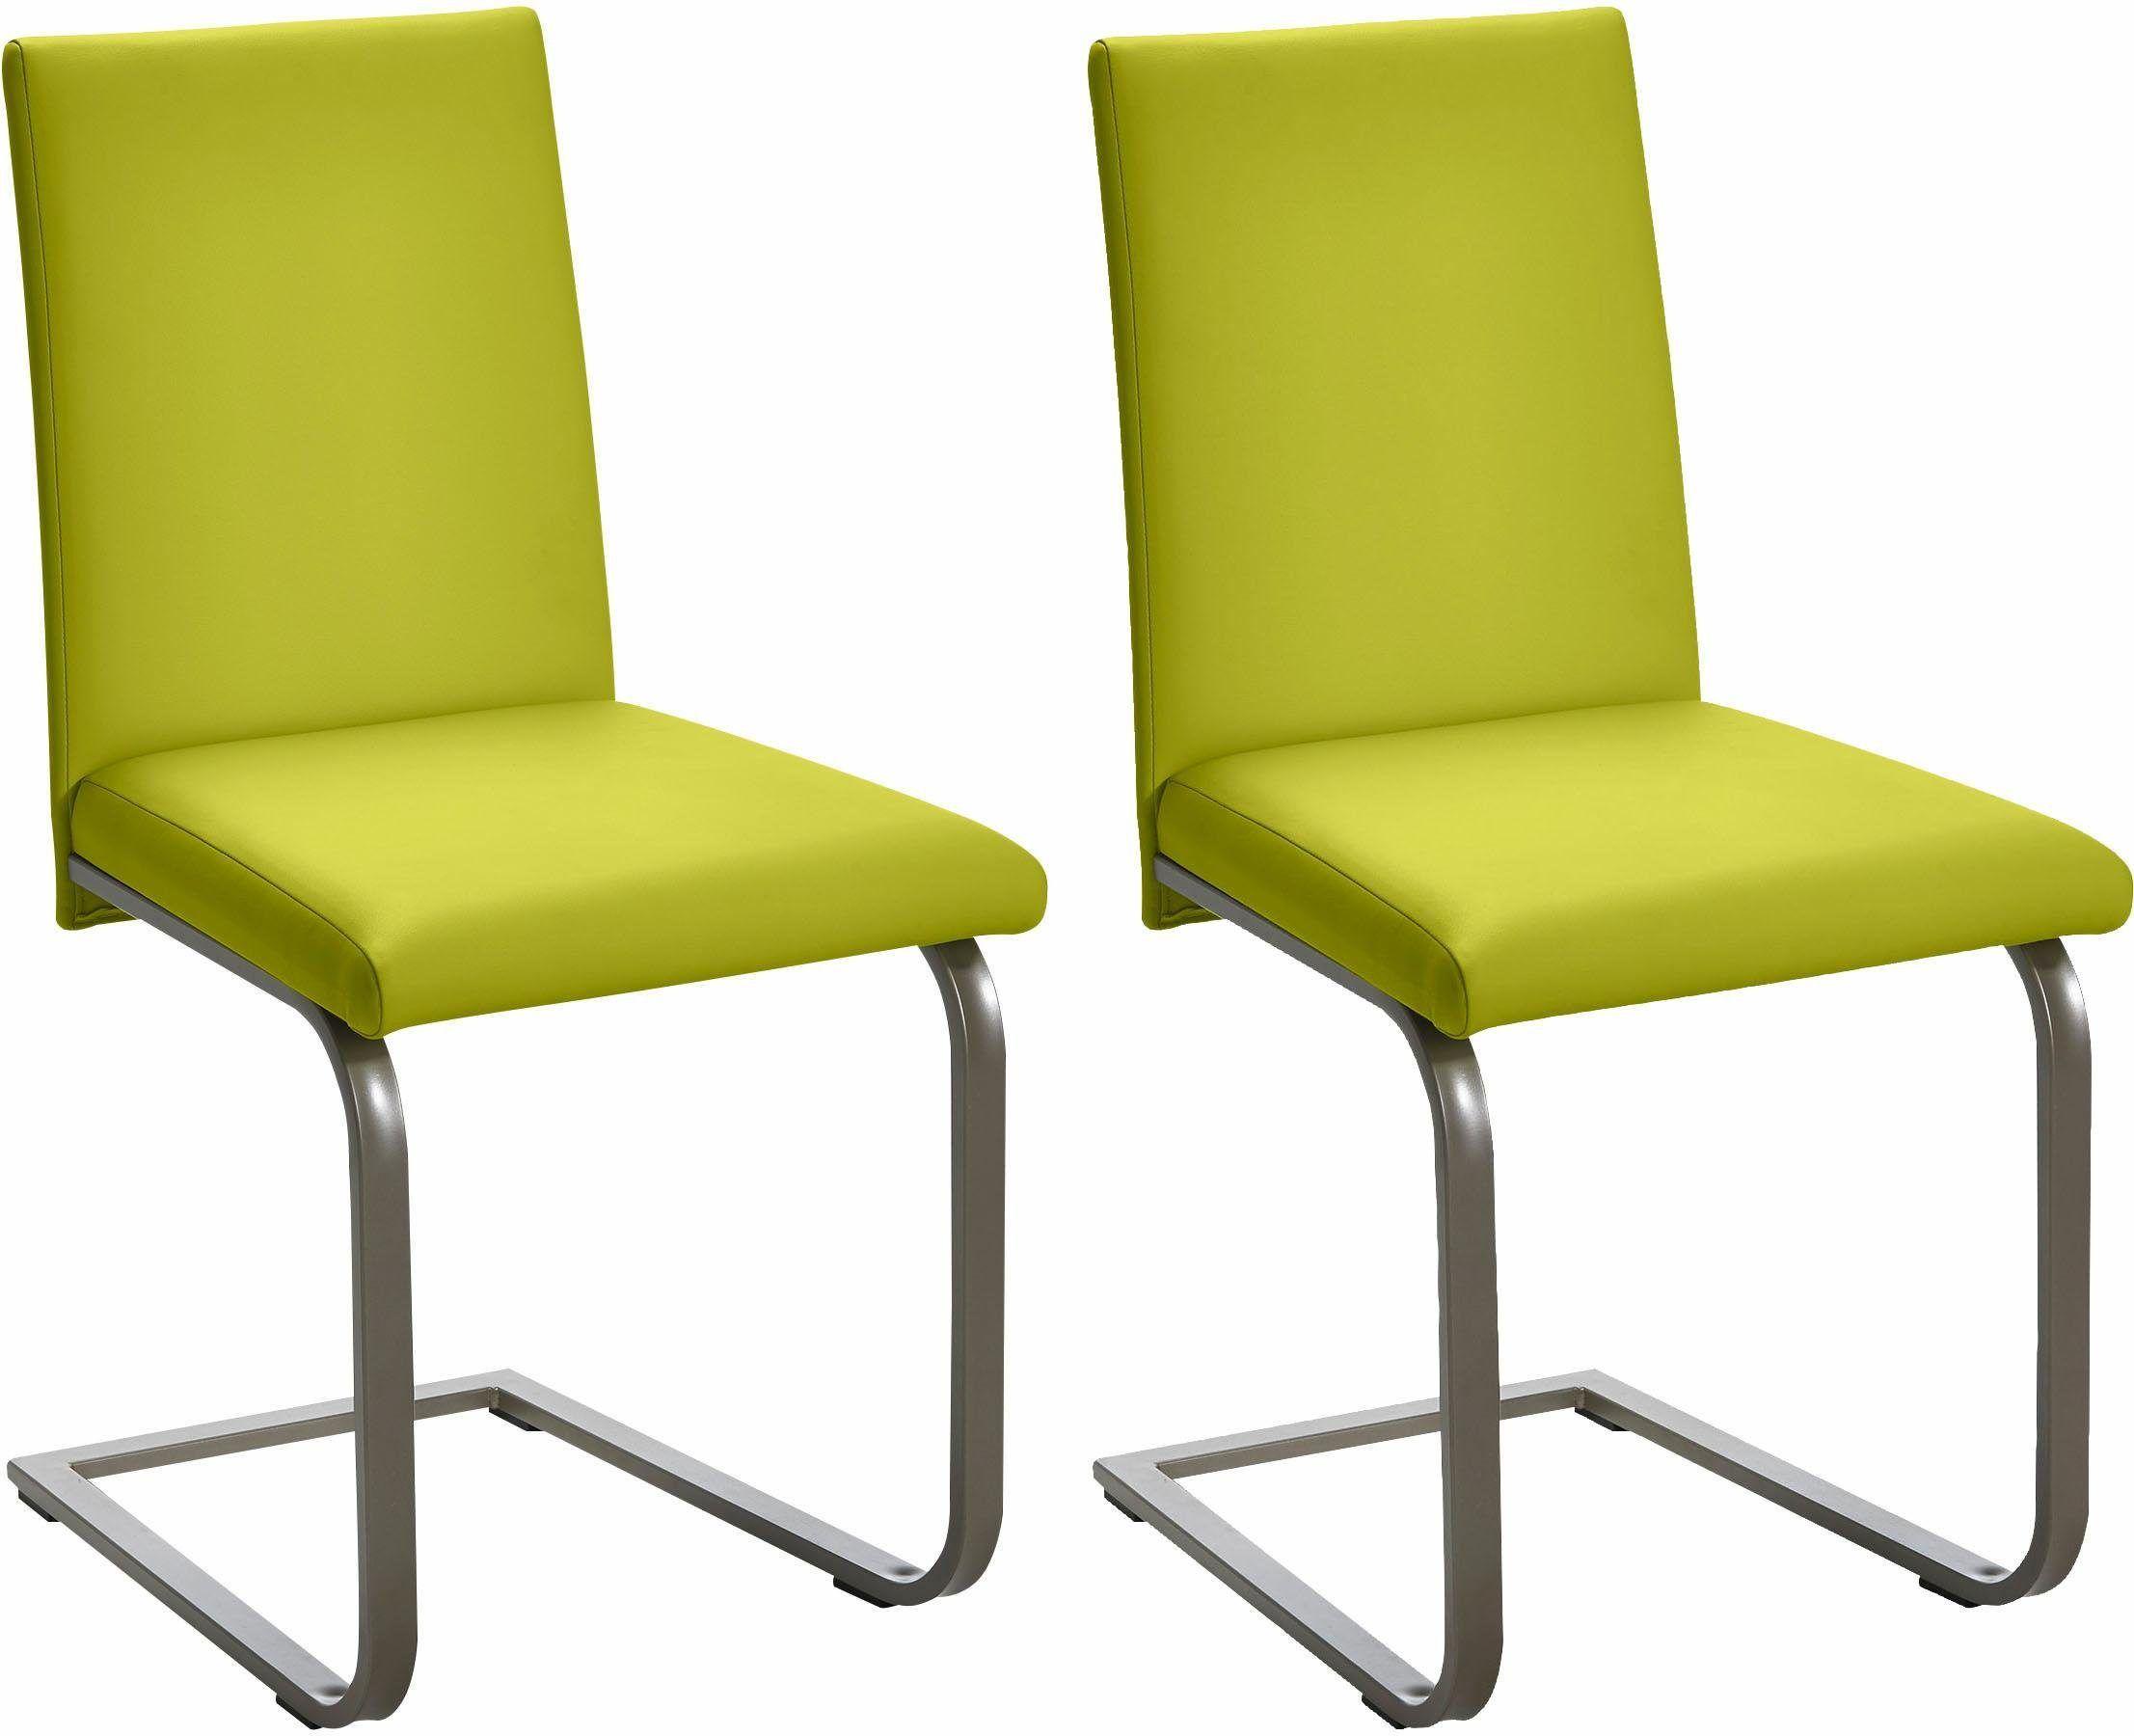 SCHÖSSWENDER Stühle (2 Stück) grün, pflegeleichtes Kunstleder, FSC ...